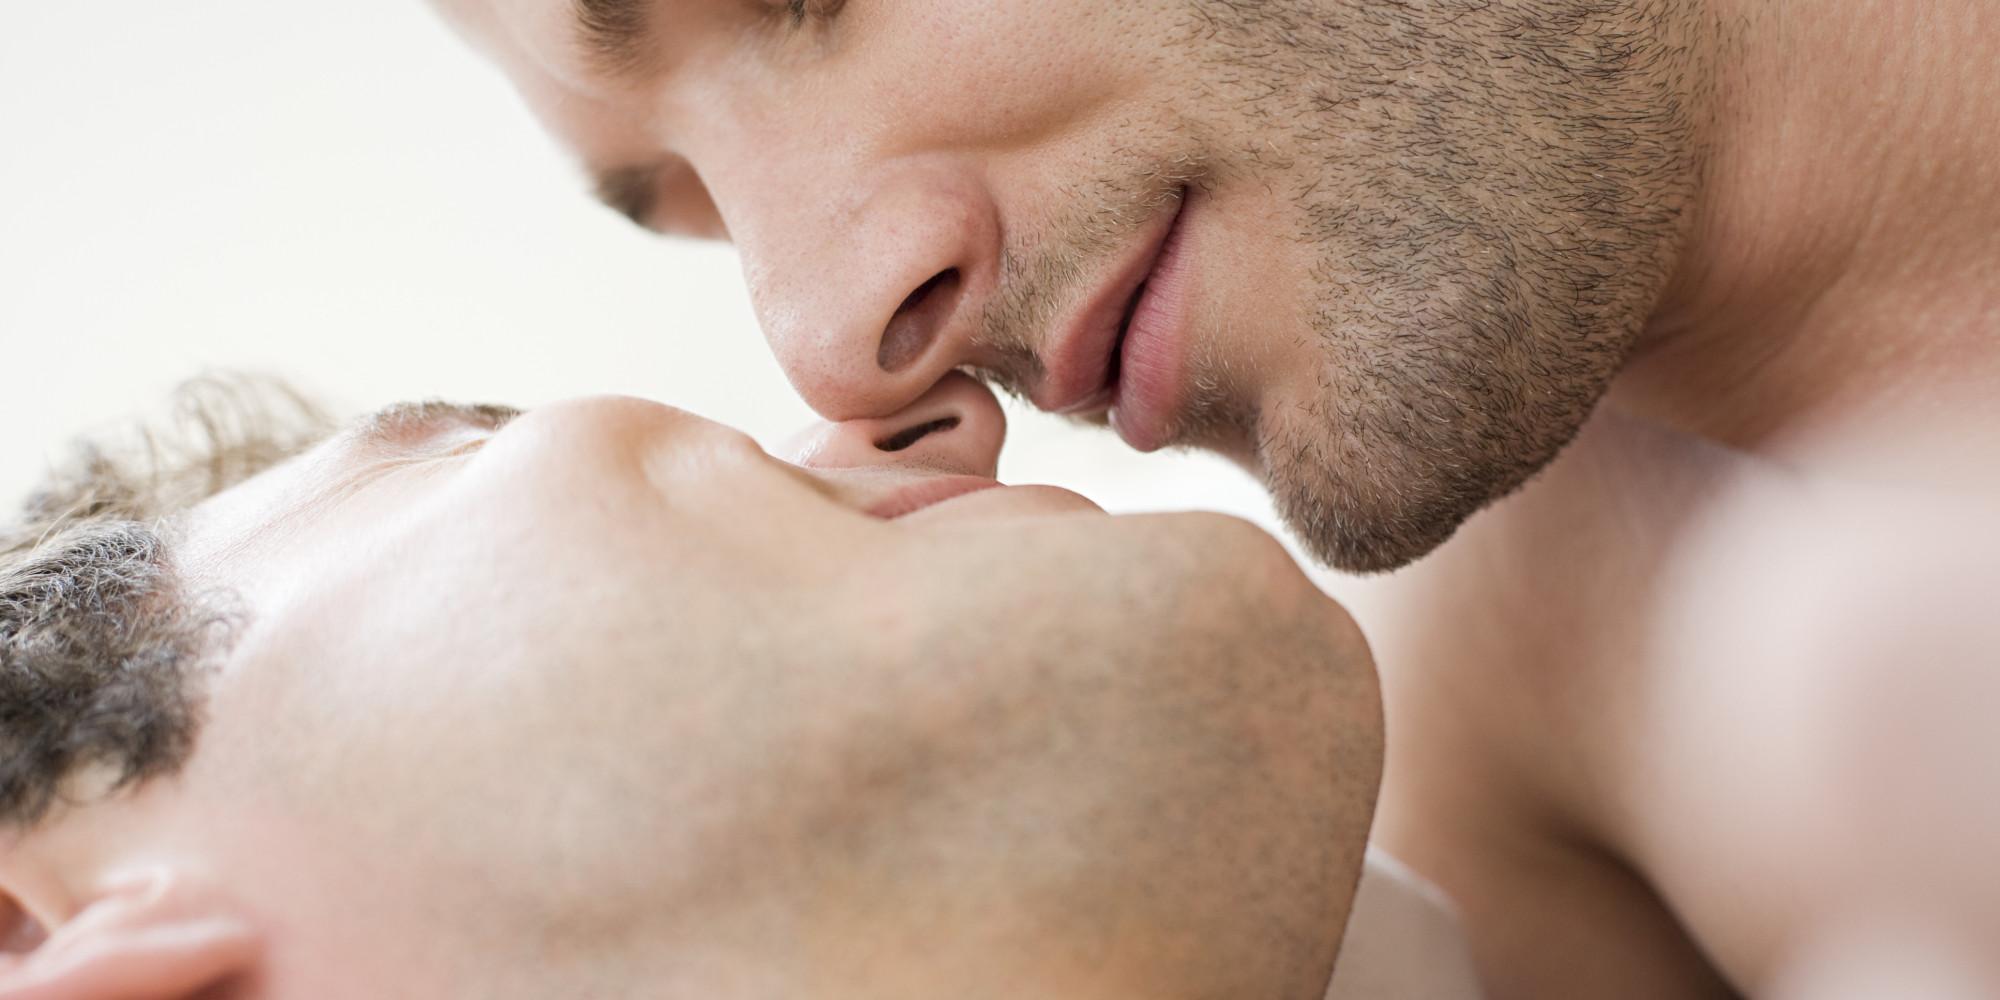 GAY-MEN-KISSING-Adam4Adam